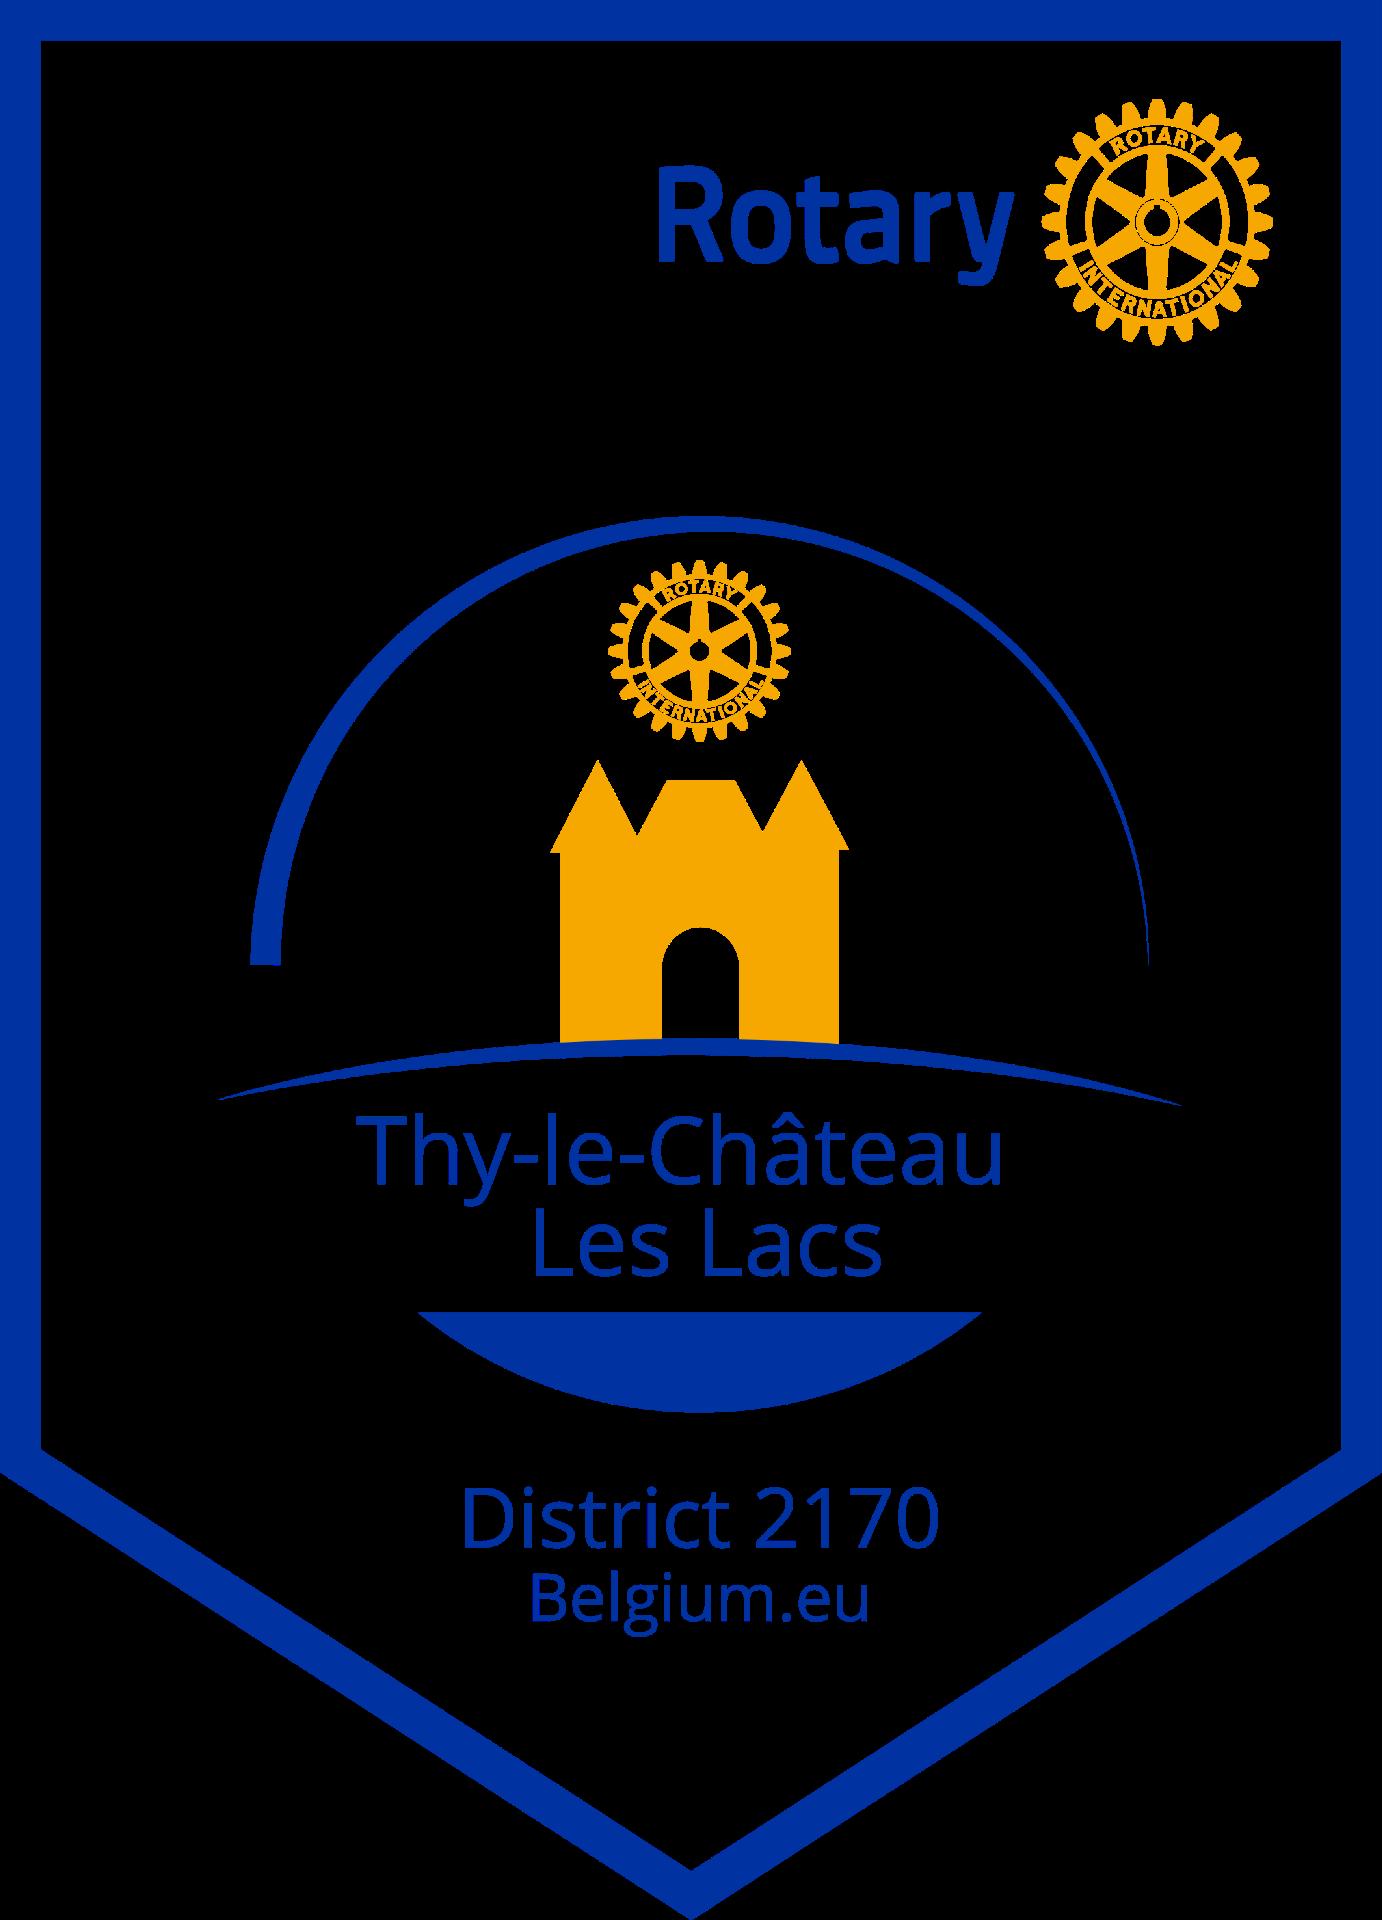 Rotary Thy-le-chateau Les Lacs